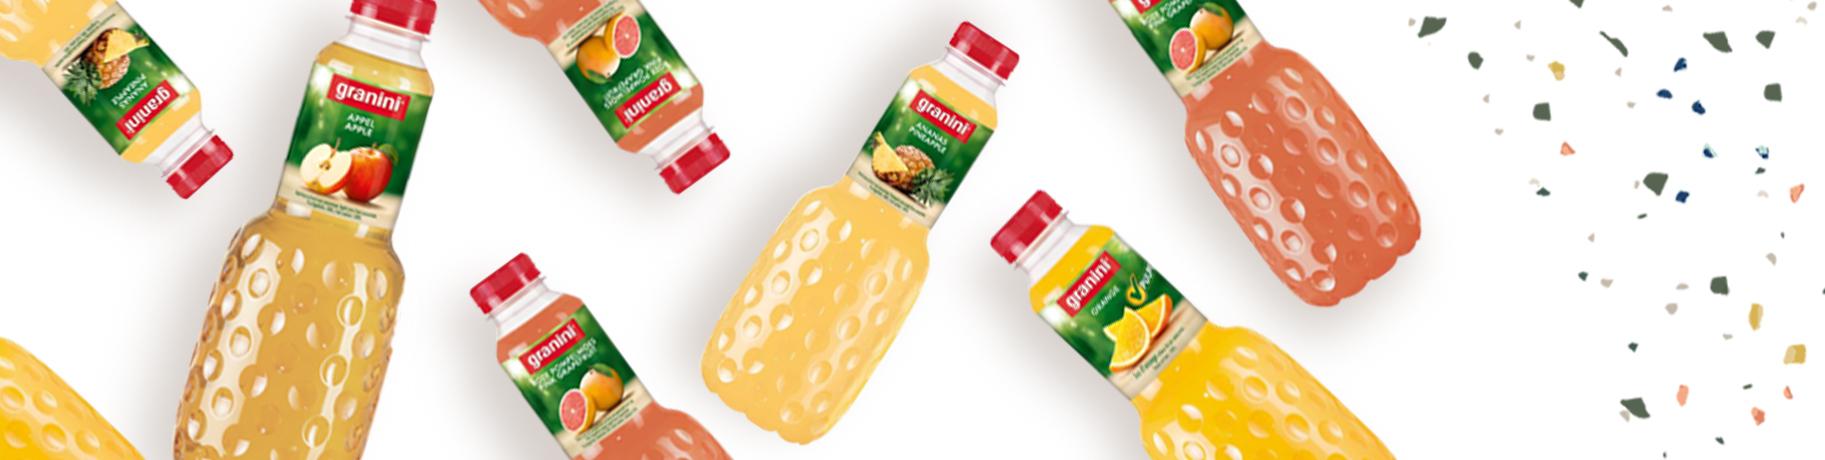 Packaged Juice